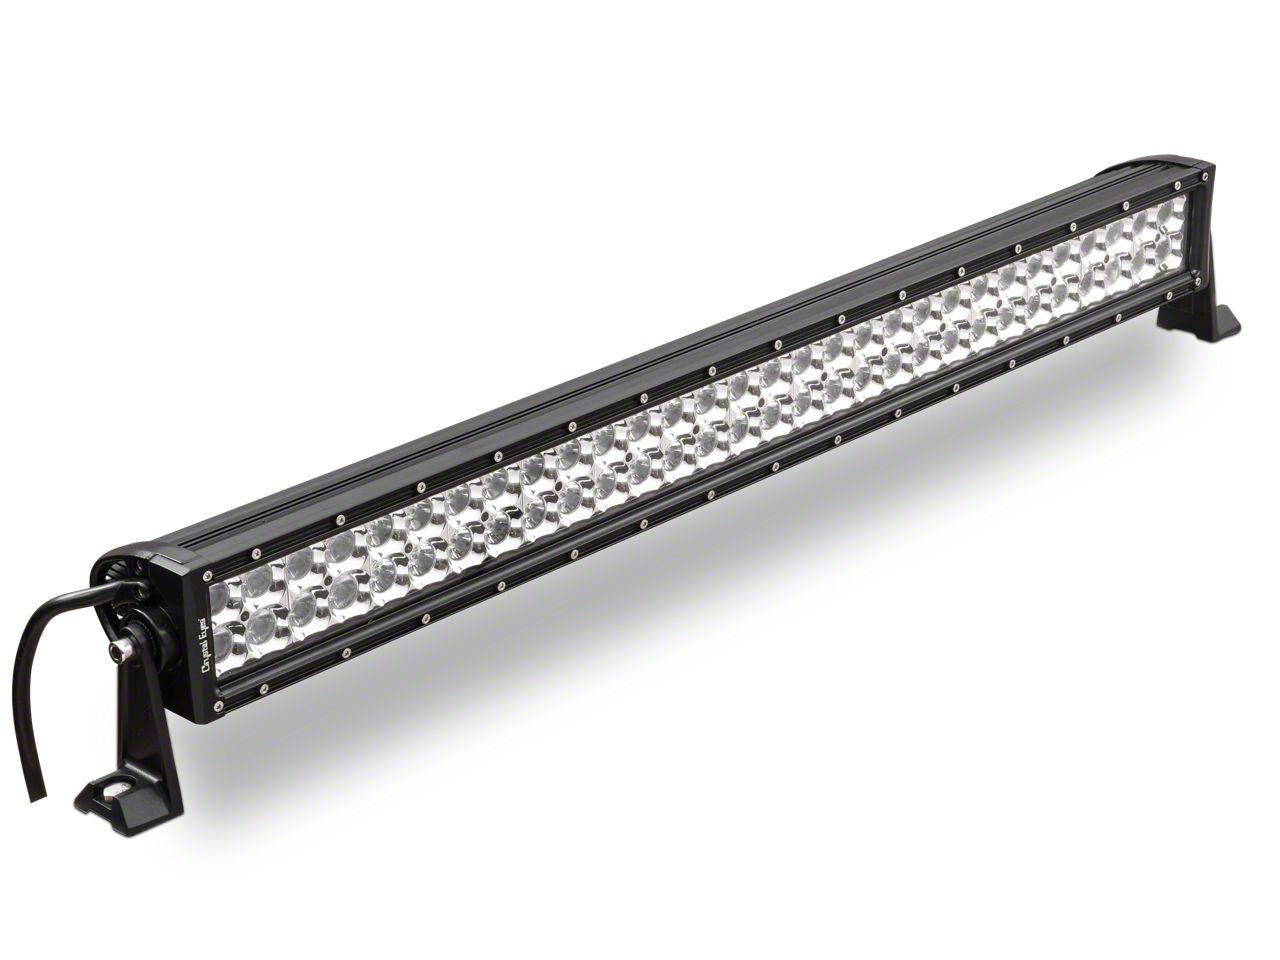 Alteon 31 in. 11 Series LED Light Bar - 60 Degree Flood Beam